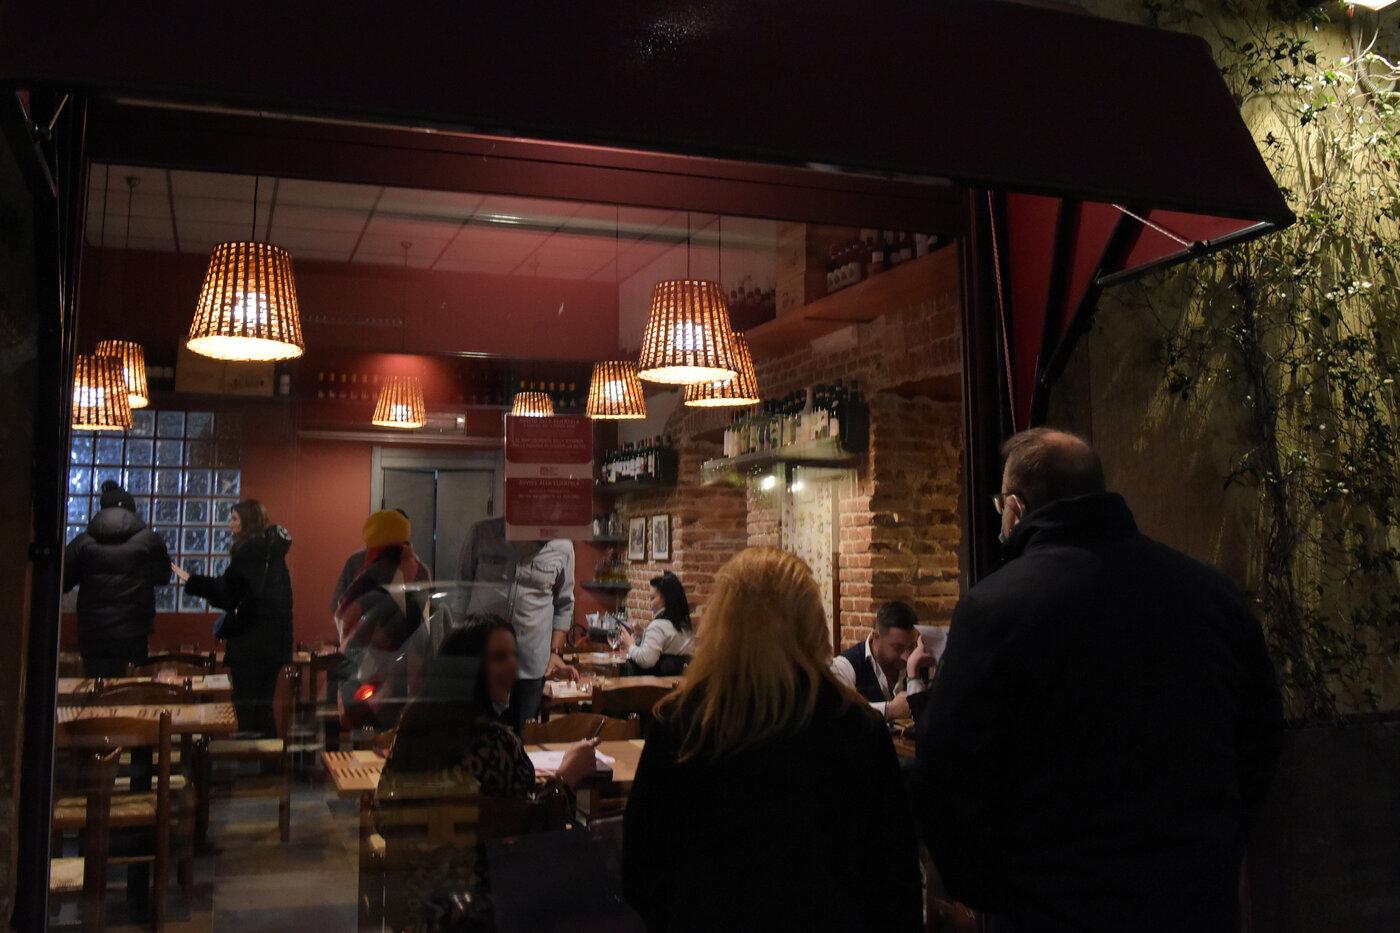 Protesta dei ristoratori: a Milano un ristorante è aperto nonostante il divieto